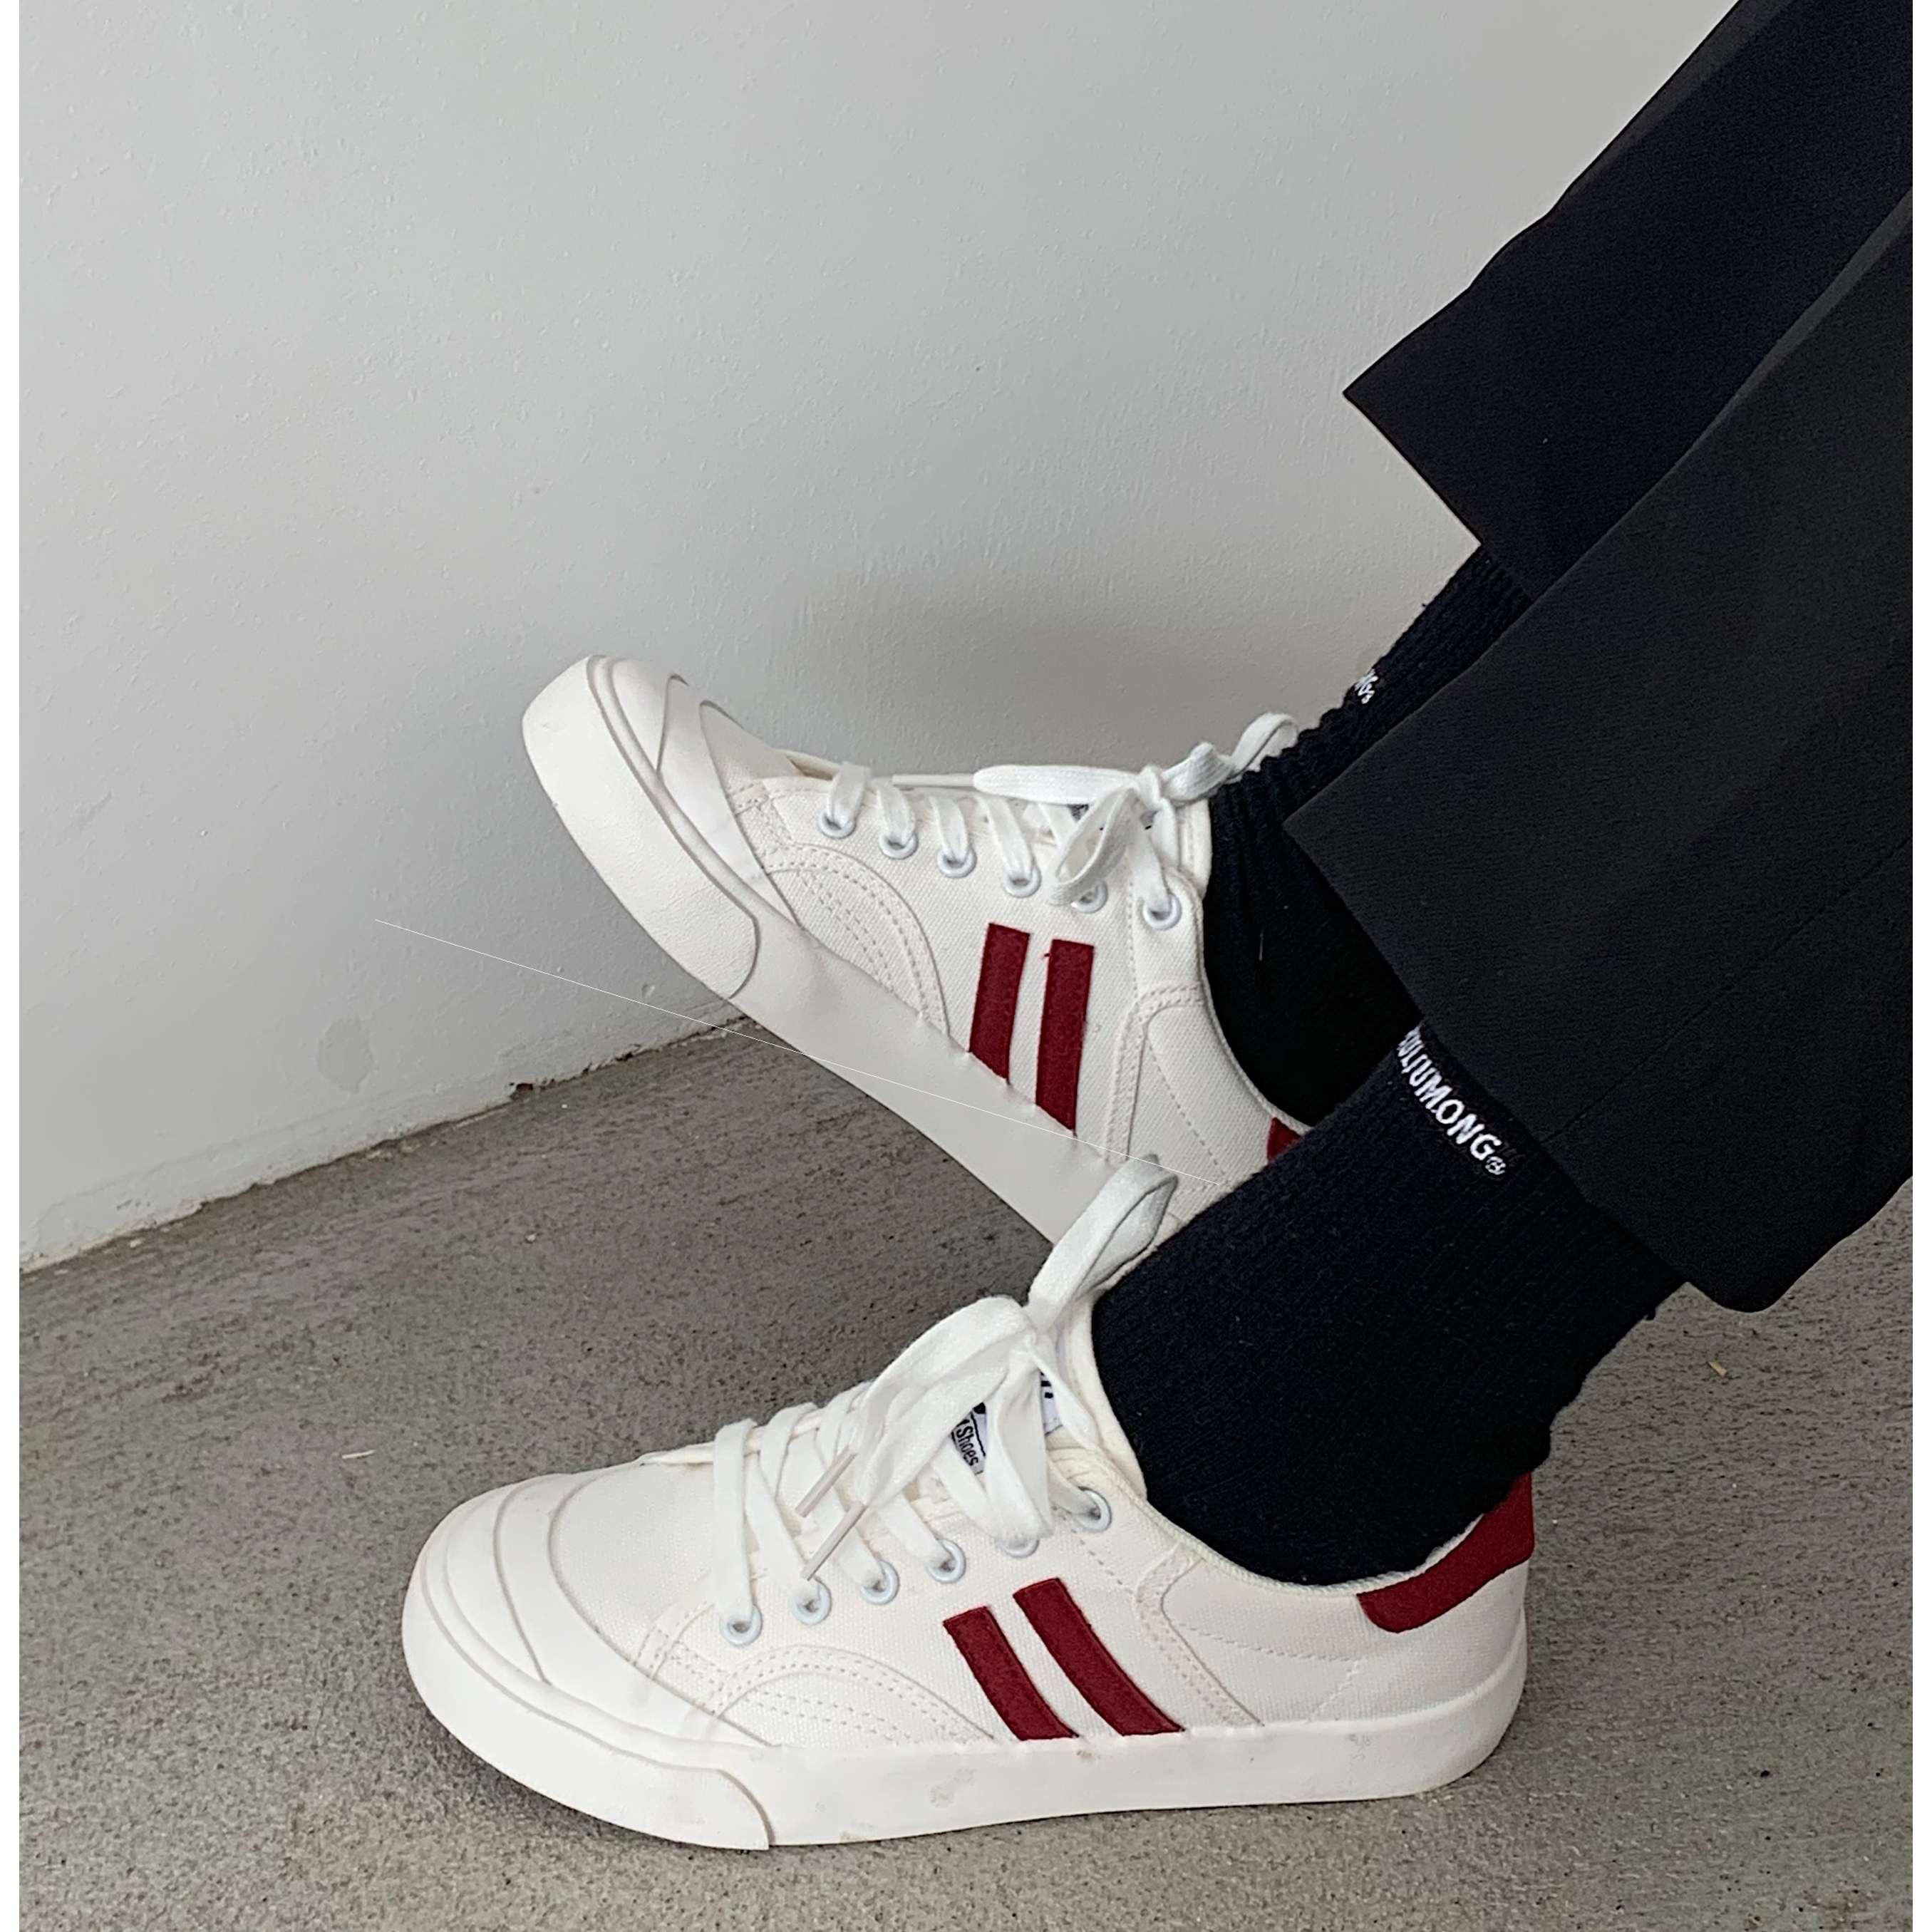 白鞋许板鞋平底子网红出镜率春季韩版百搭轻便刘芒帆布鞋女街头